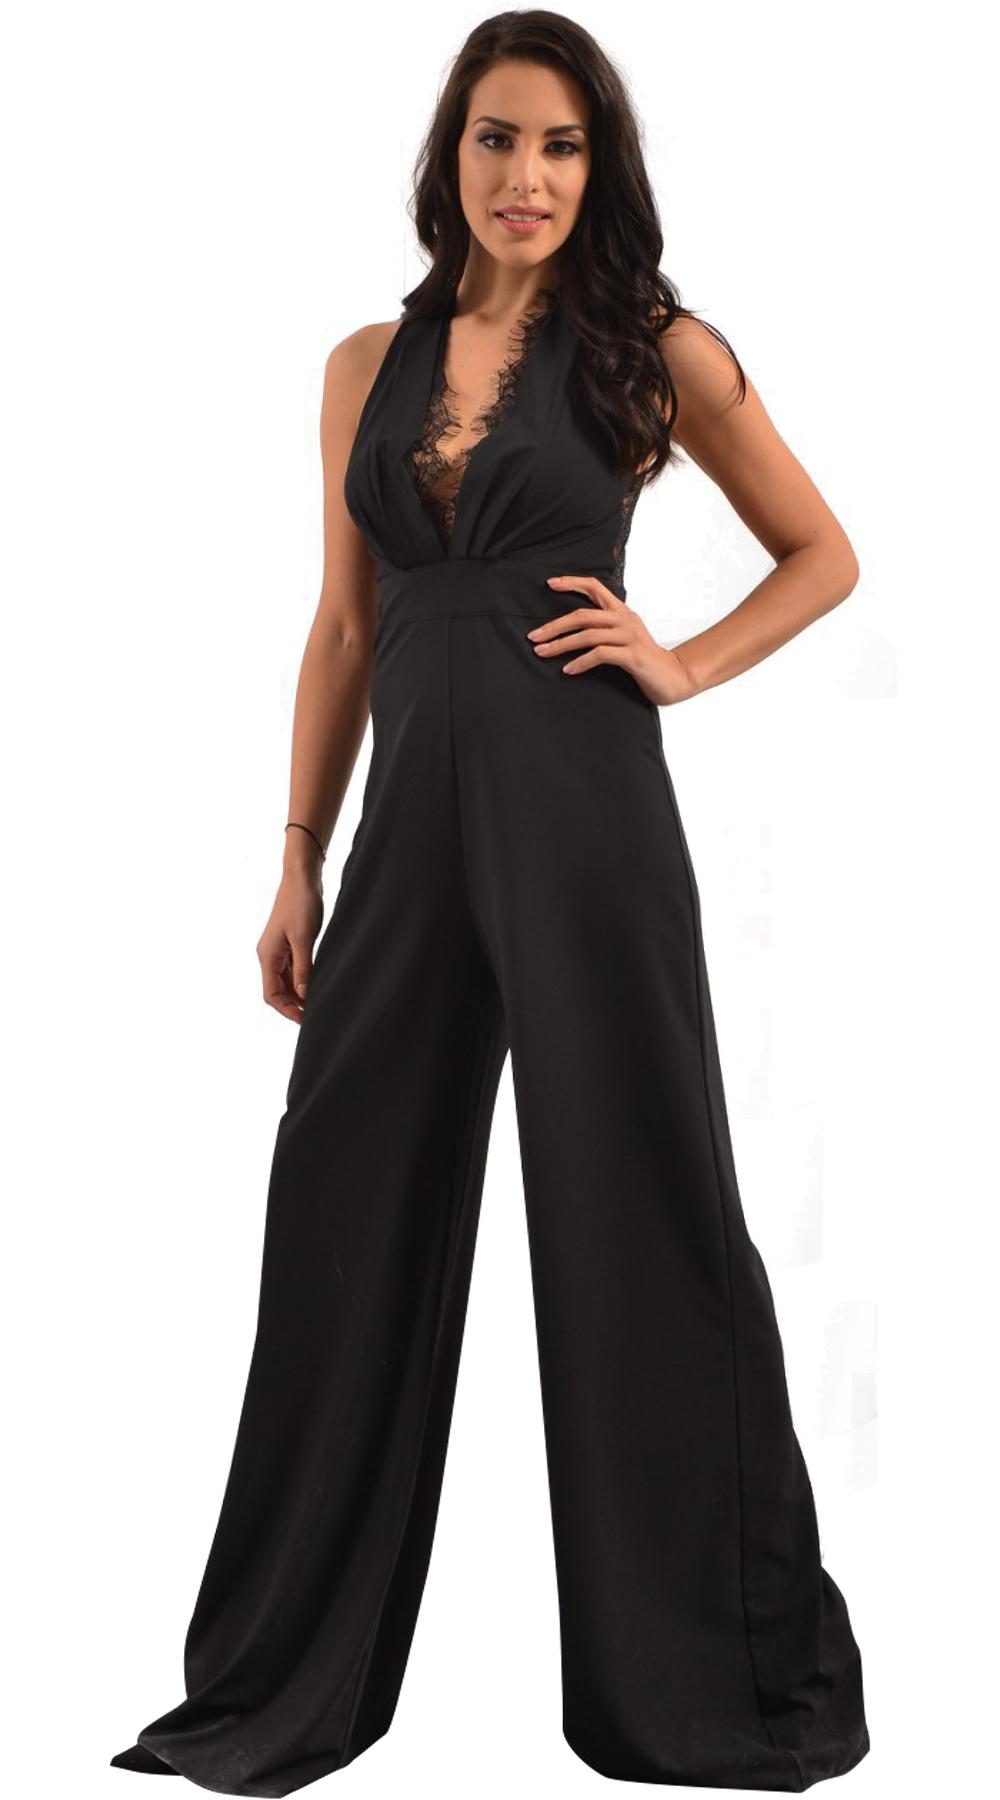 Γυναικεία μαύρη ολόσωμη φόρμα με δαντελα και ανοιχτή πλάτη - LOVE ME - SP18LV-23